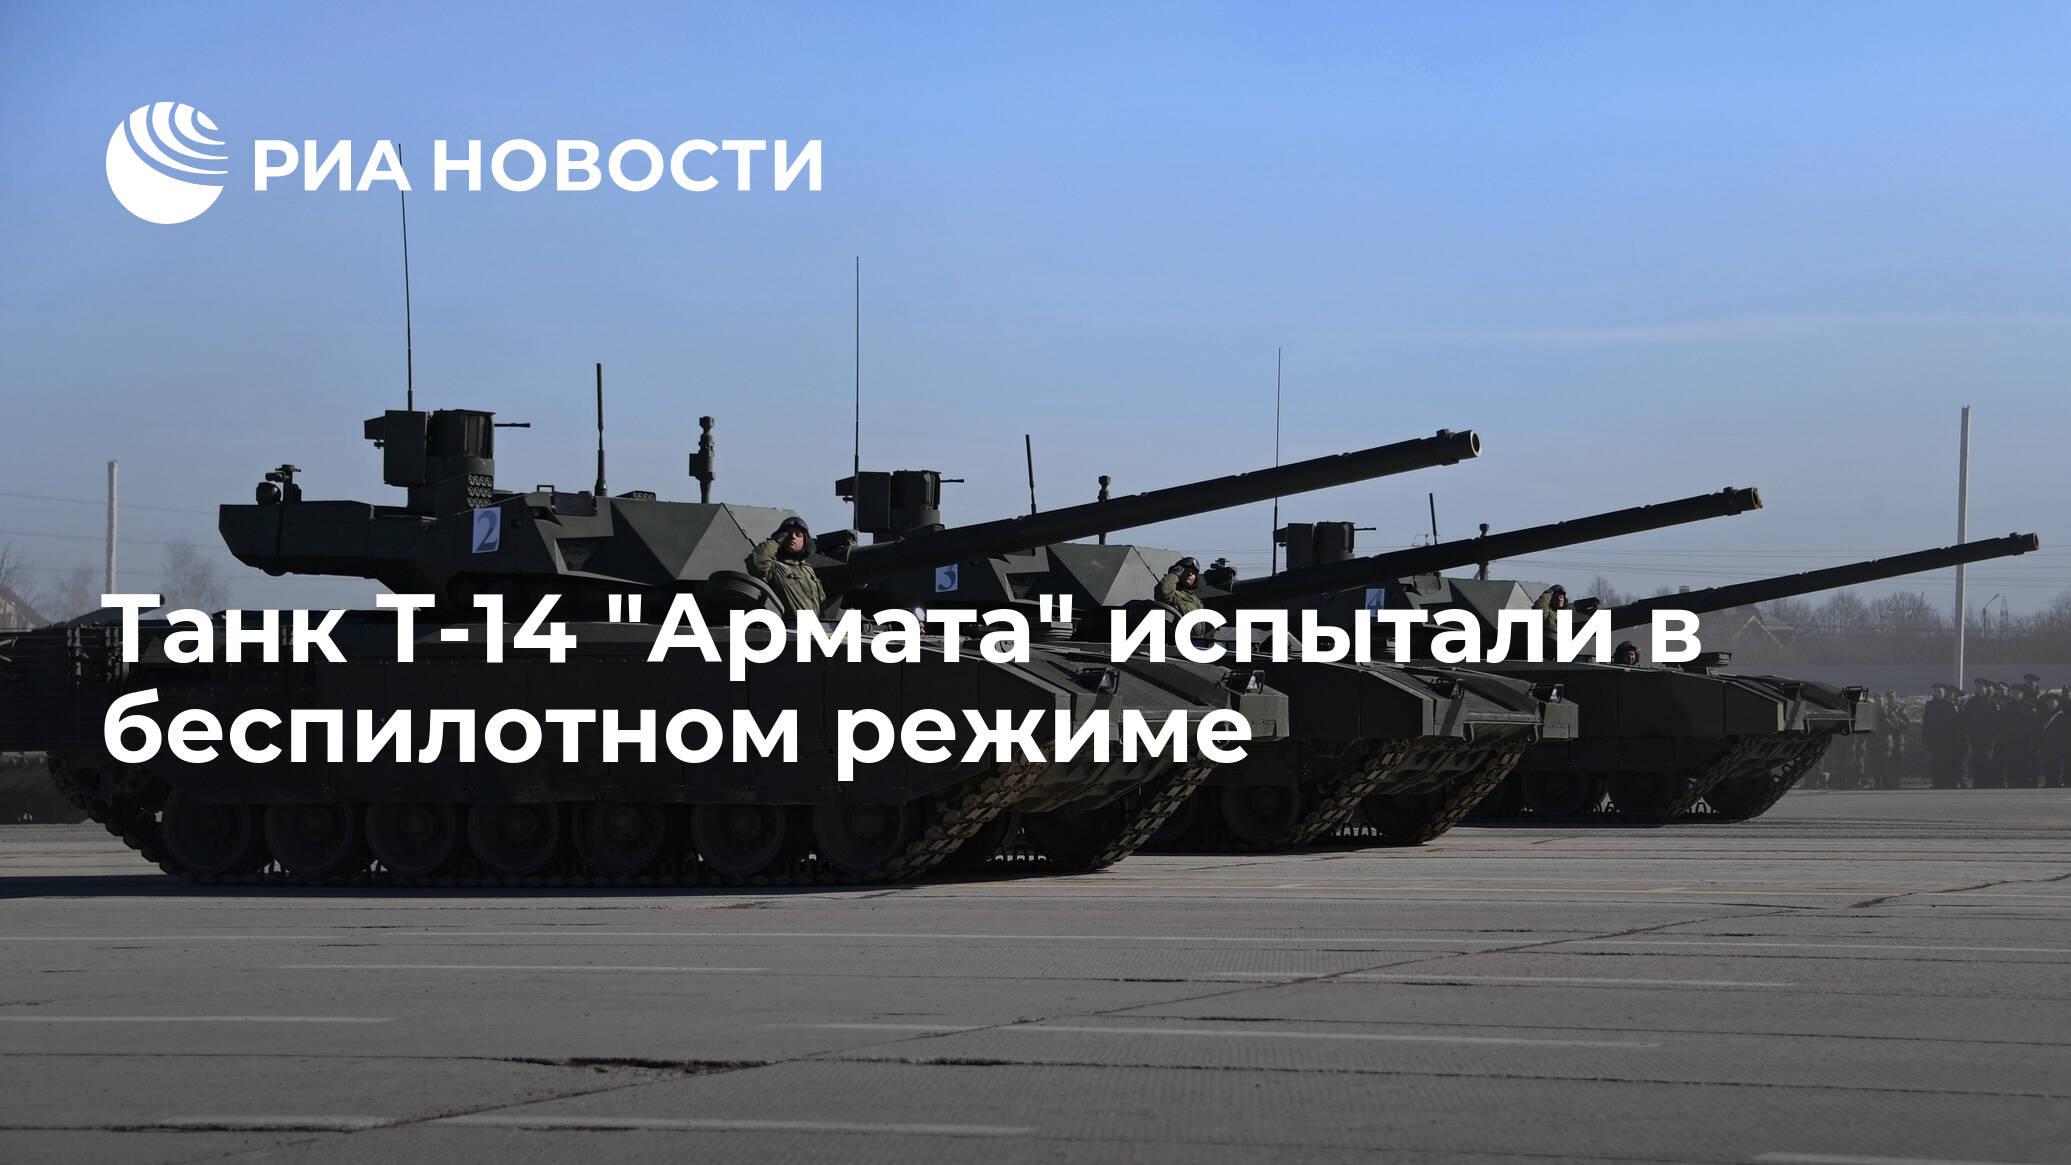 """Танк Т-14 """"Армата"""" испытали в беспилотном режиме - РИА Новости, 04.07.2020"""